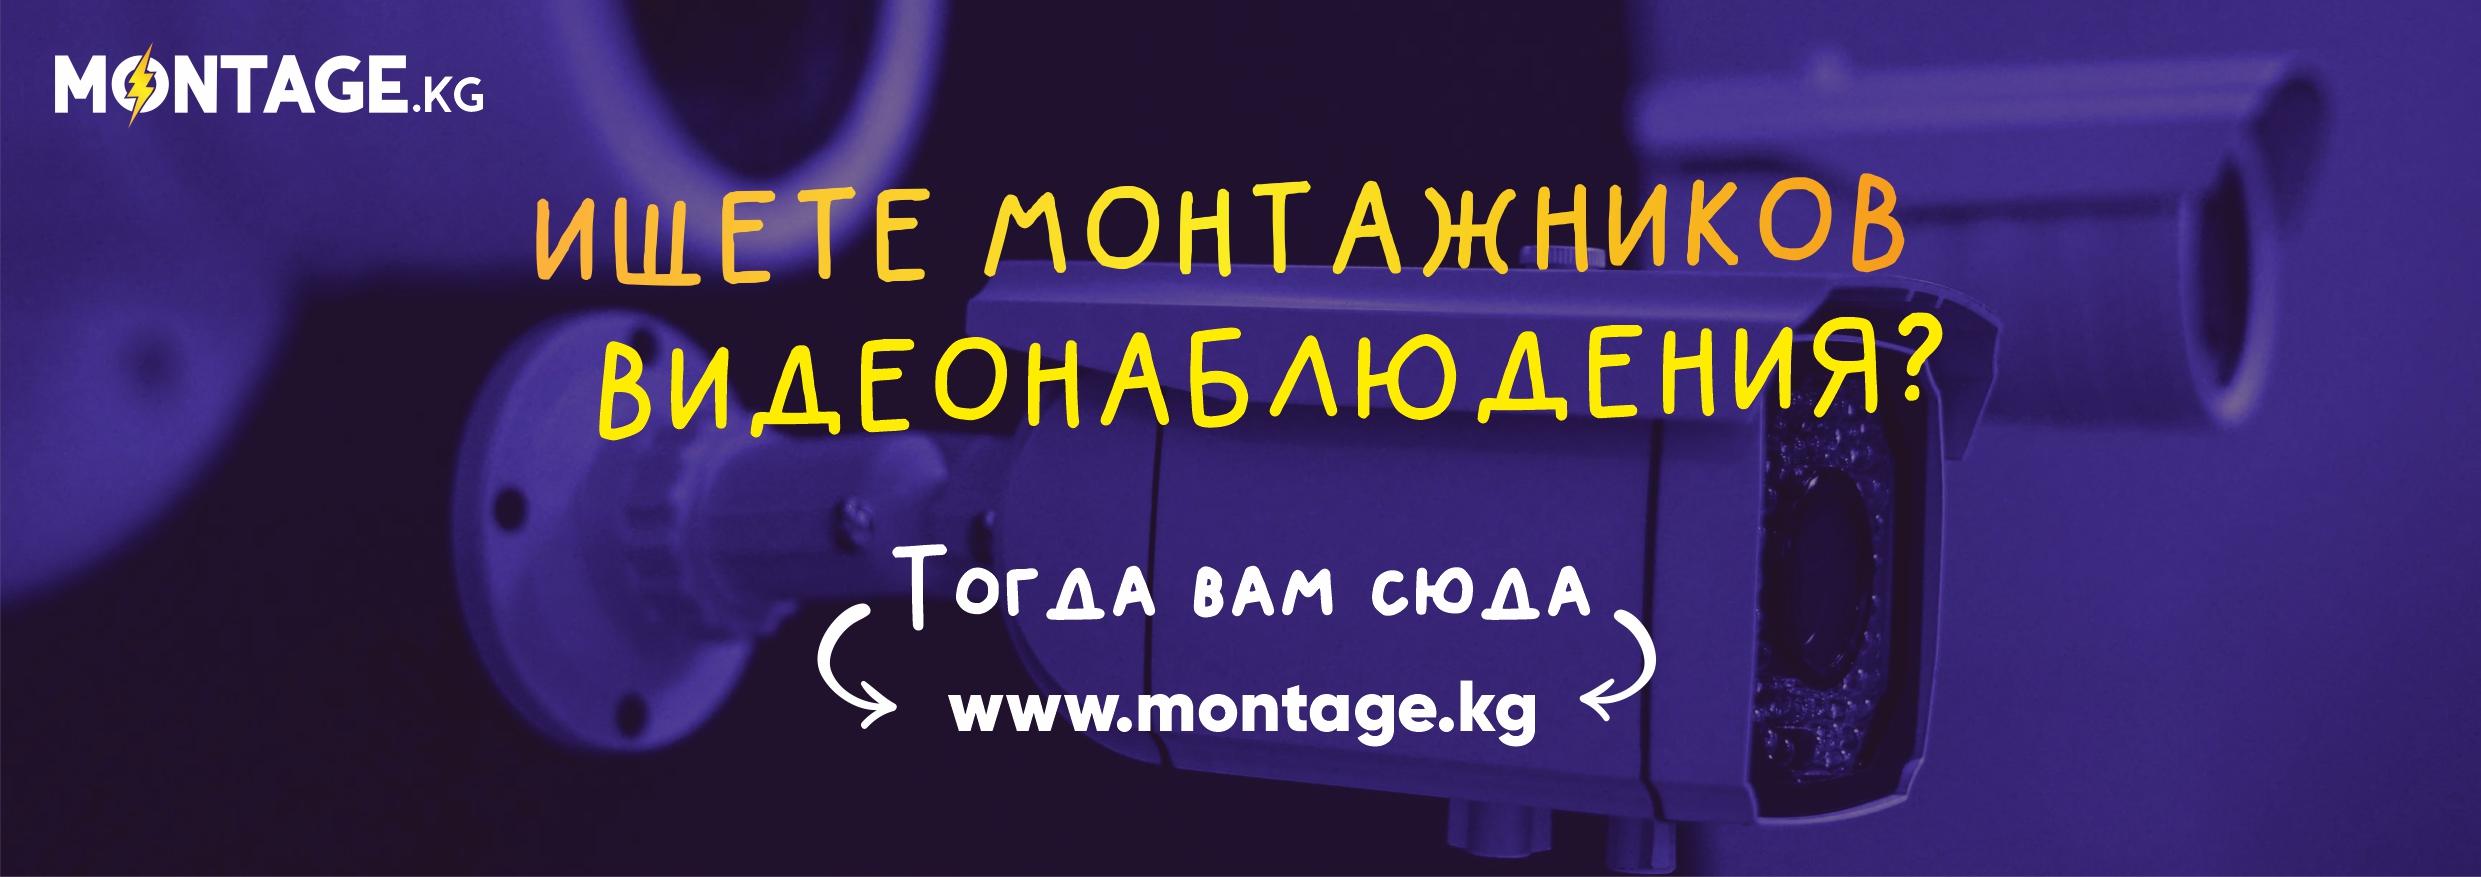 Монтажные организации Кыргызской Республики